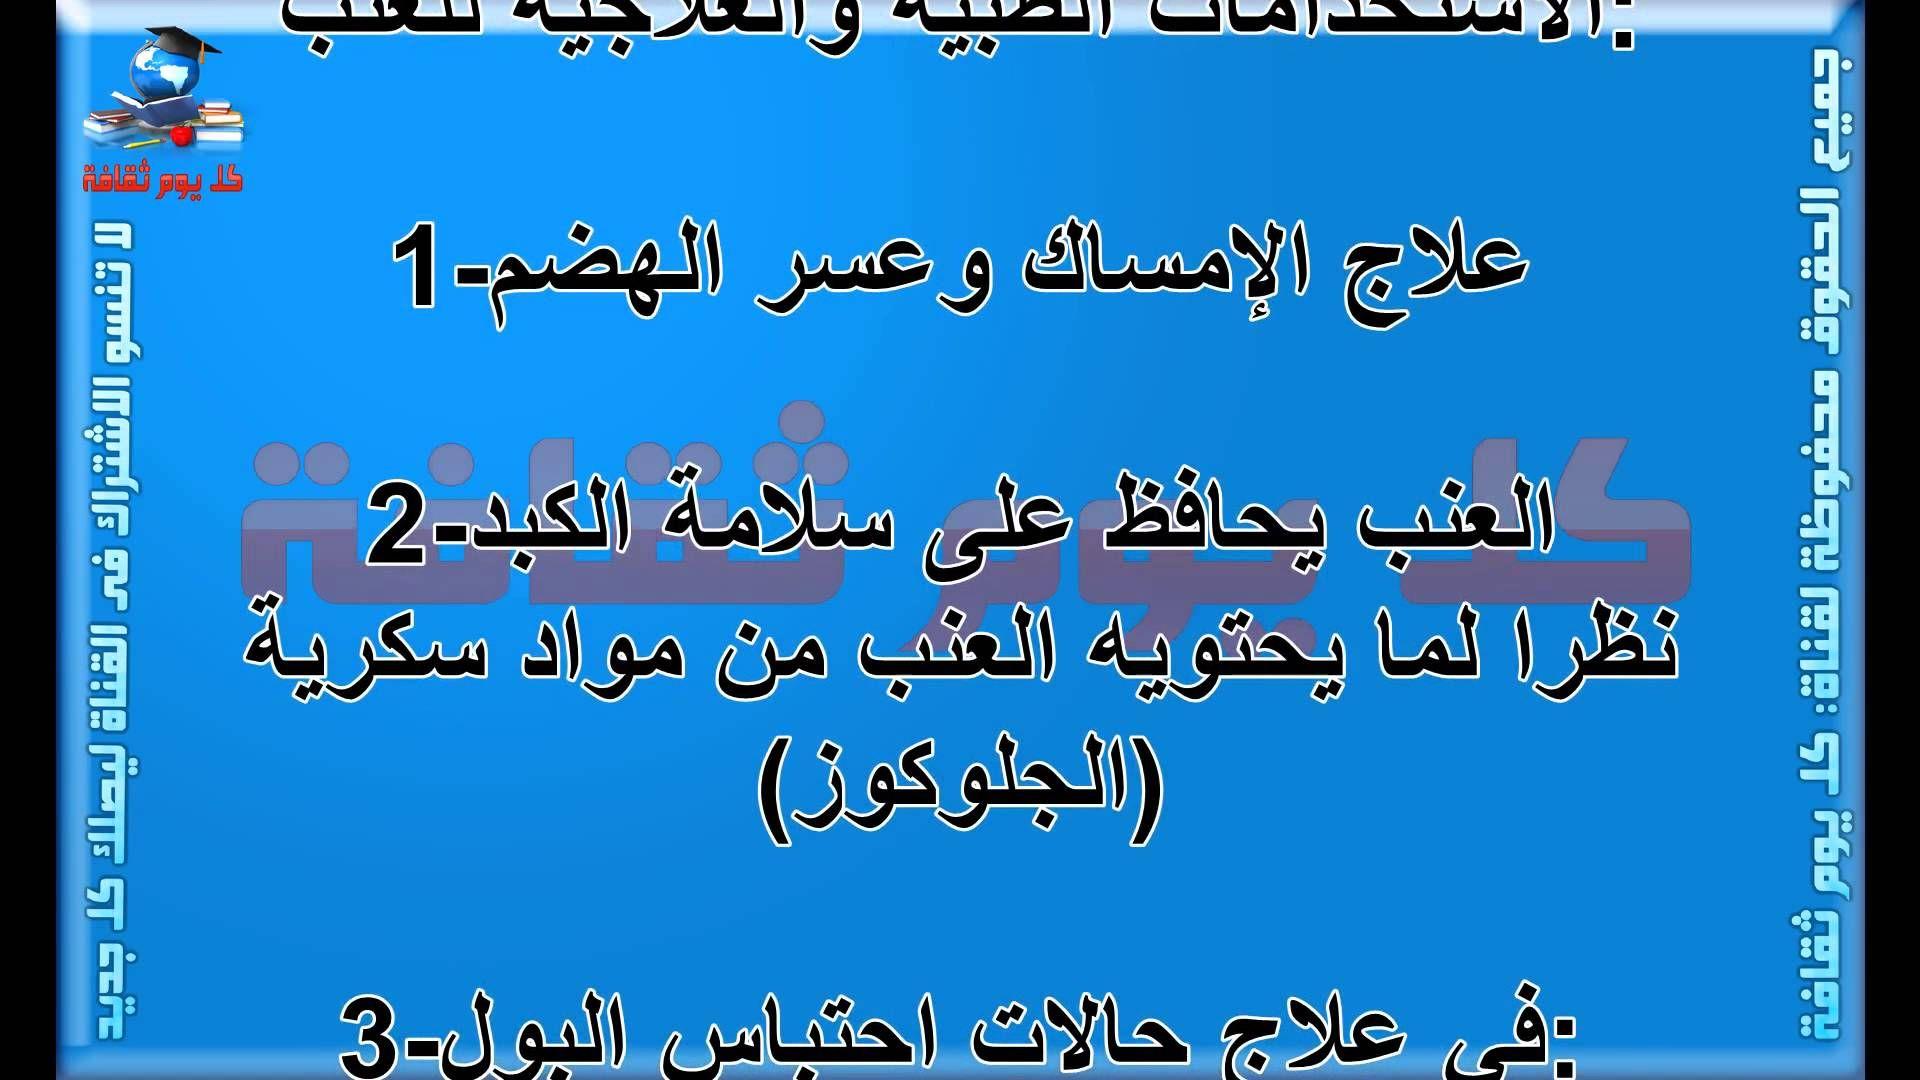 العنب هل تعلم لماذا العنب له الوان مختلفه الاستخدامات الطبية والعلاجية للعنب Arabic Calligraphy Calligraphy